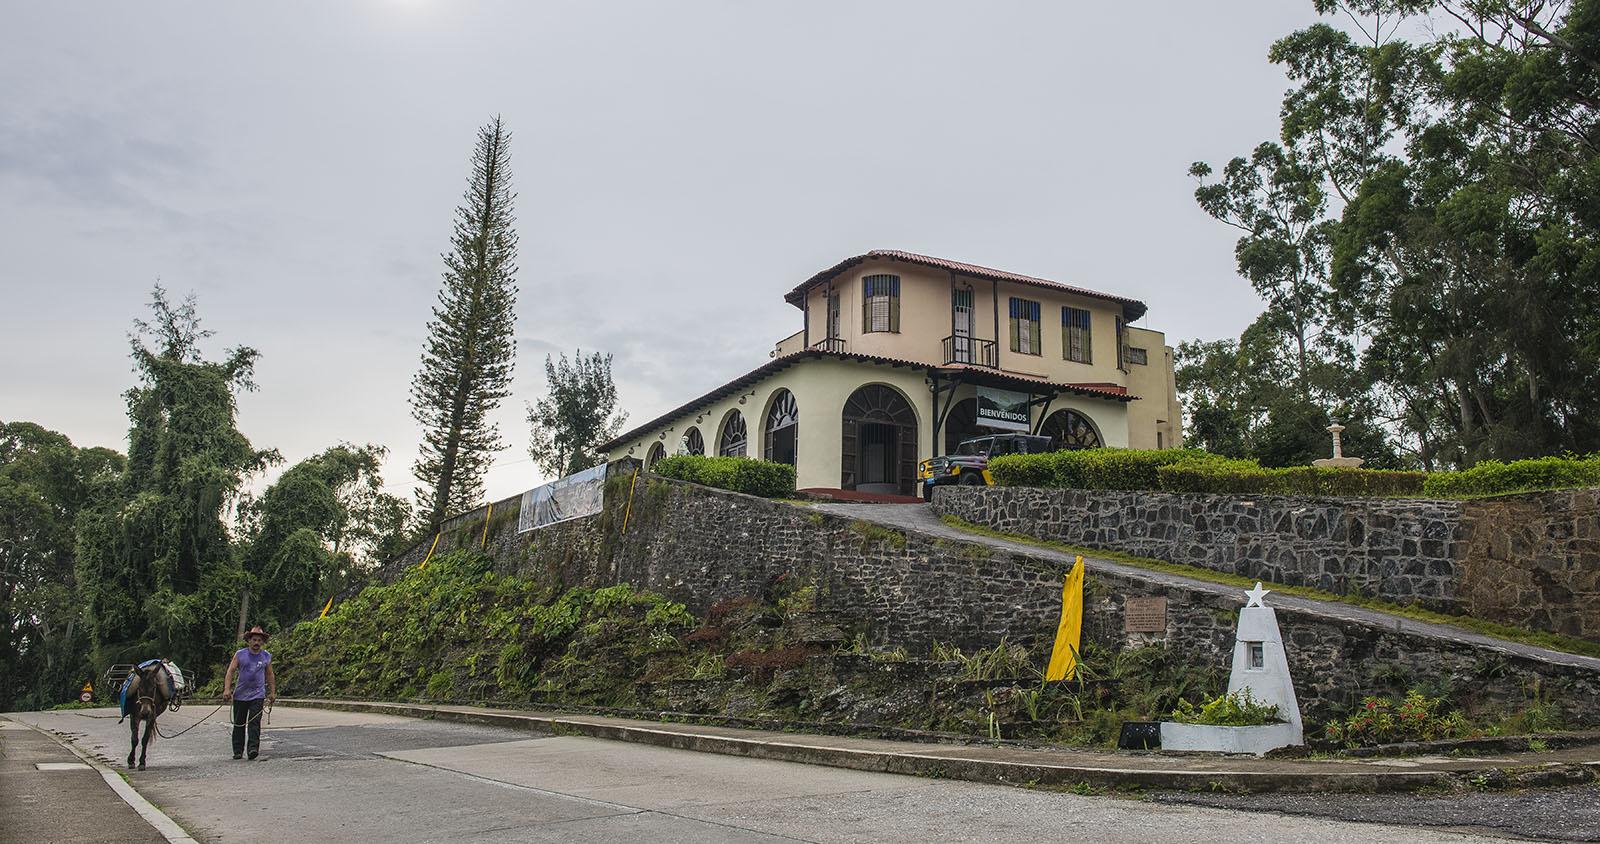 Trinidad, Tope de Collantes, Hotel Los Helechos